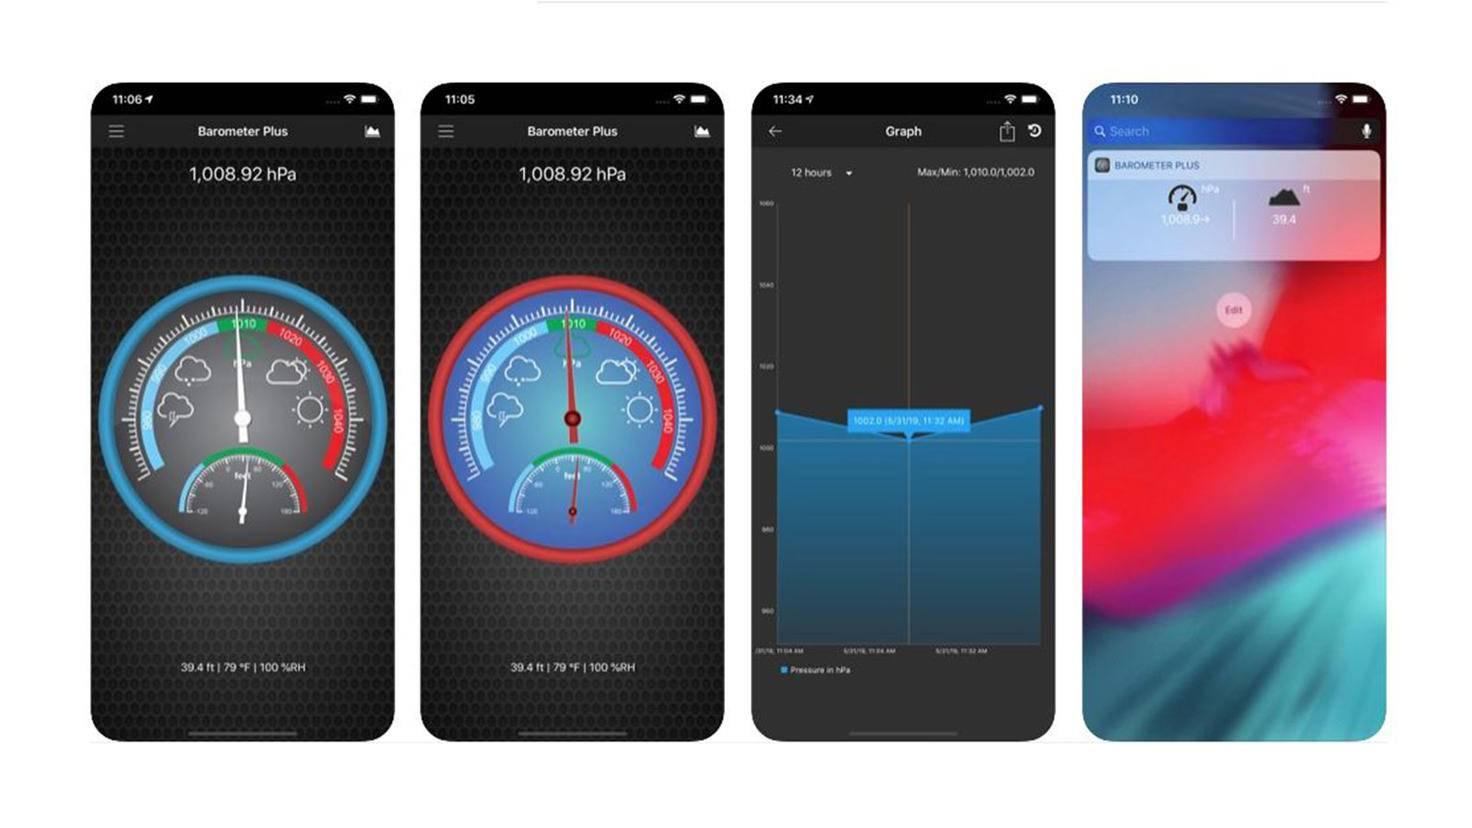 Barometer Plus App